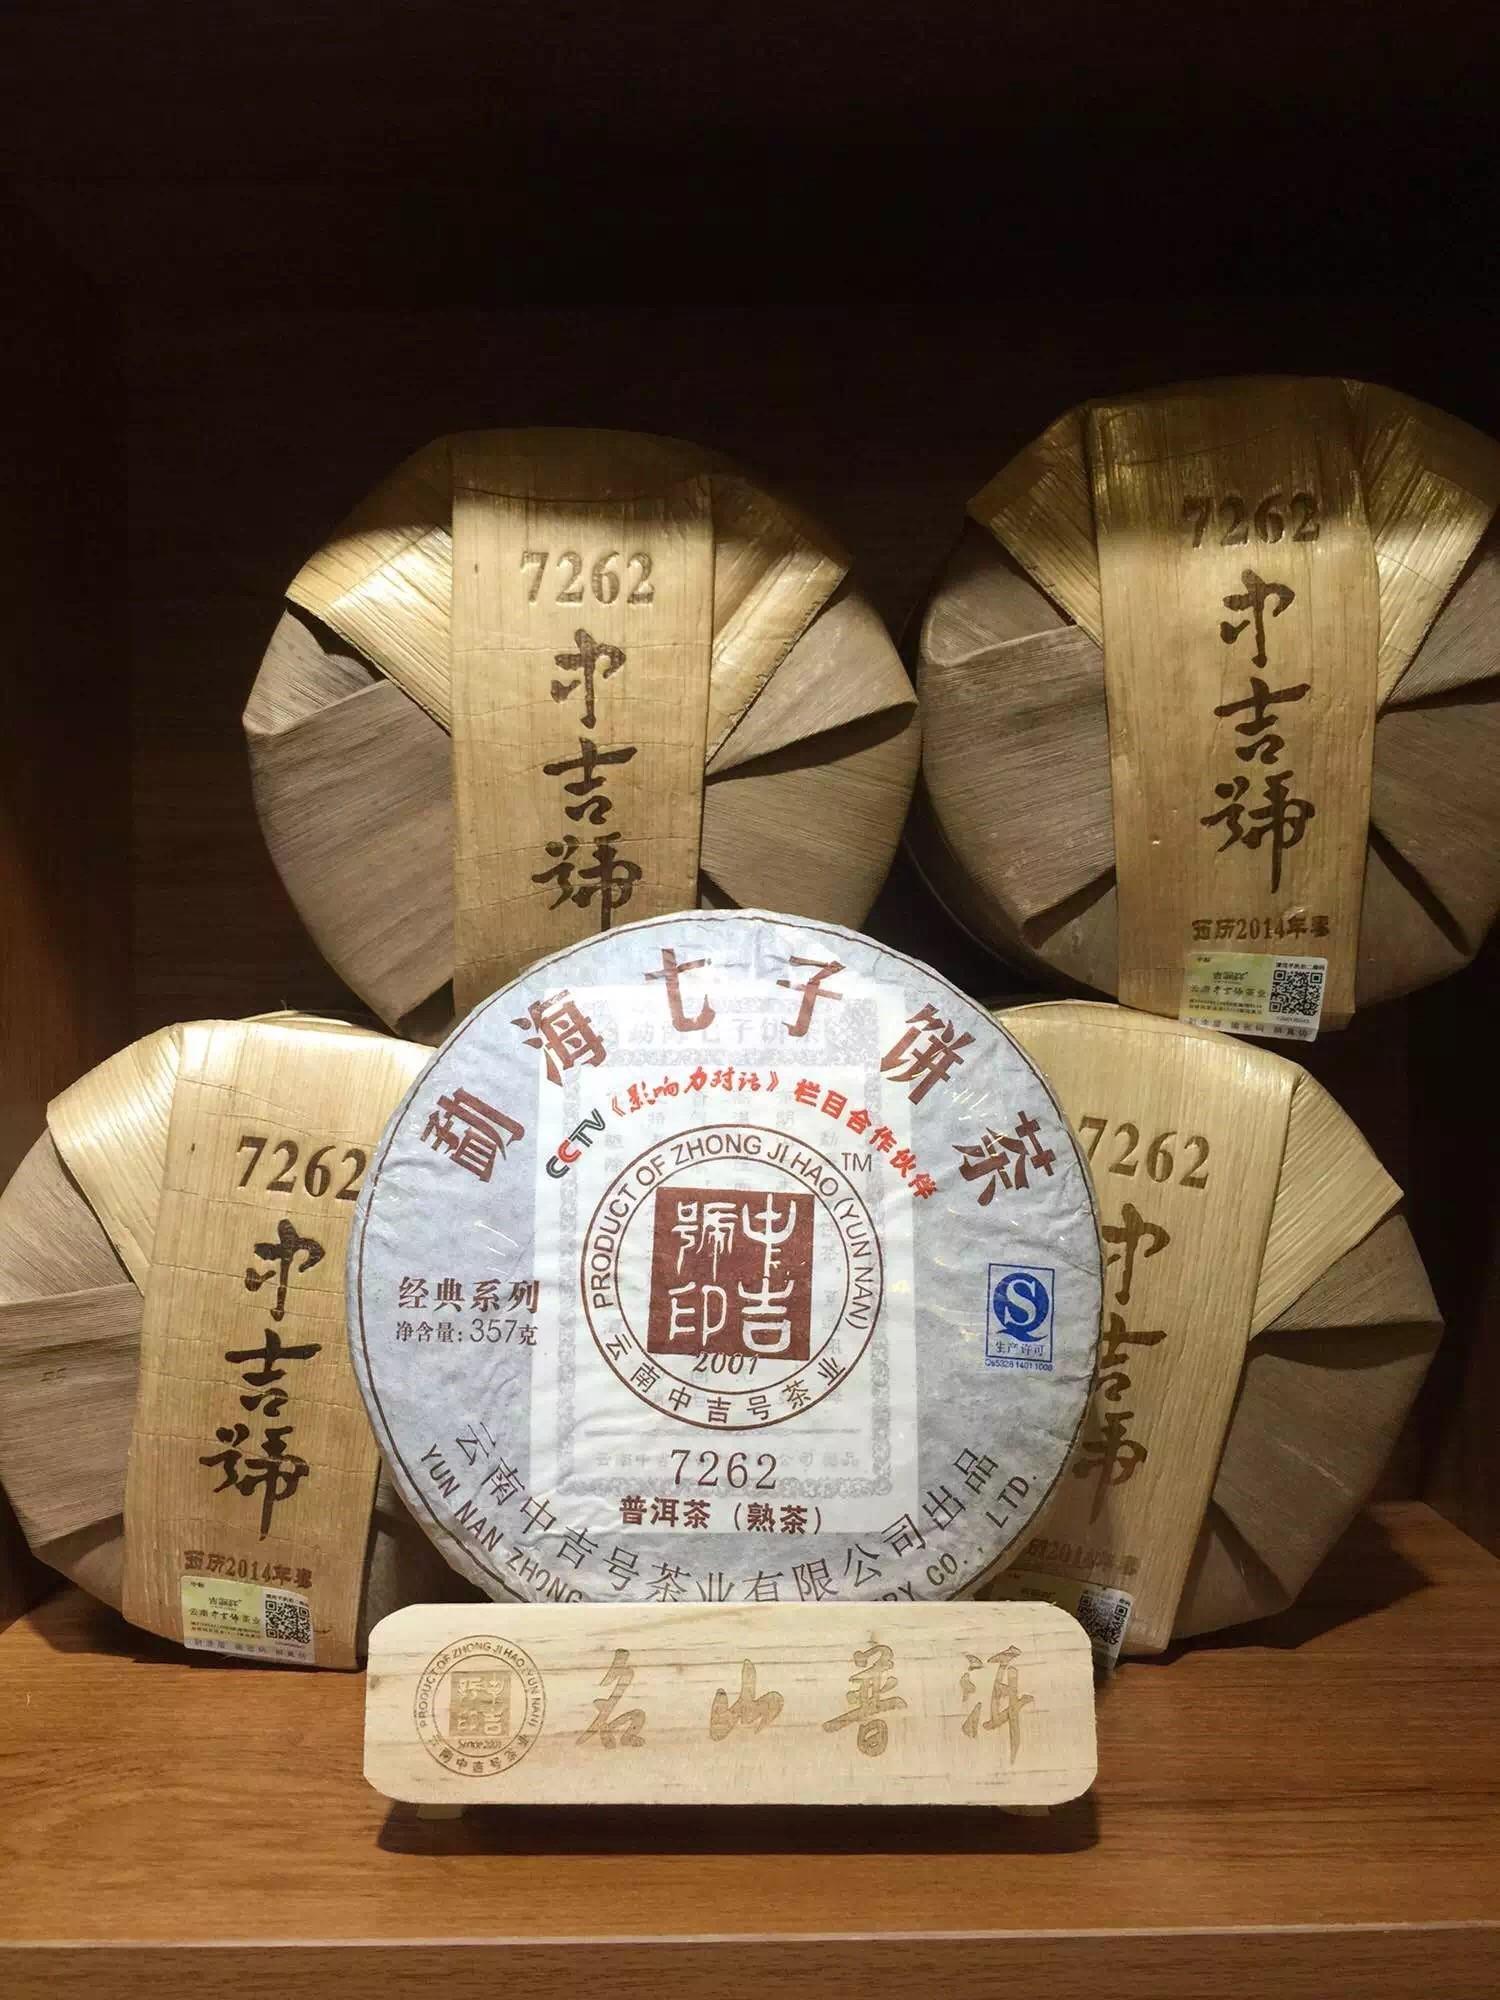 中吉号古树茶 - 7262熟茶2014